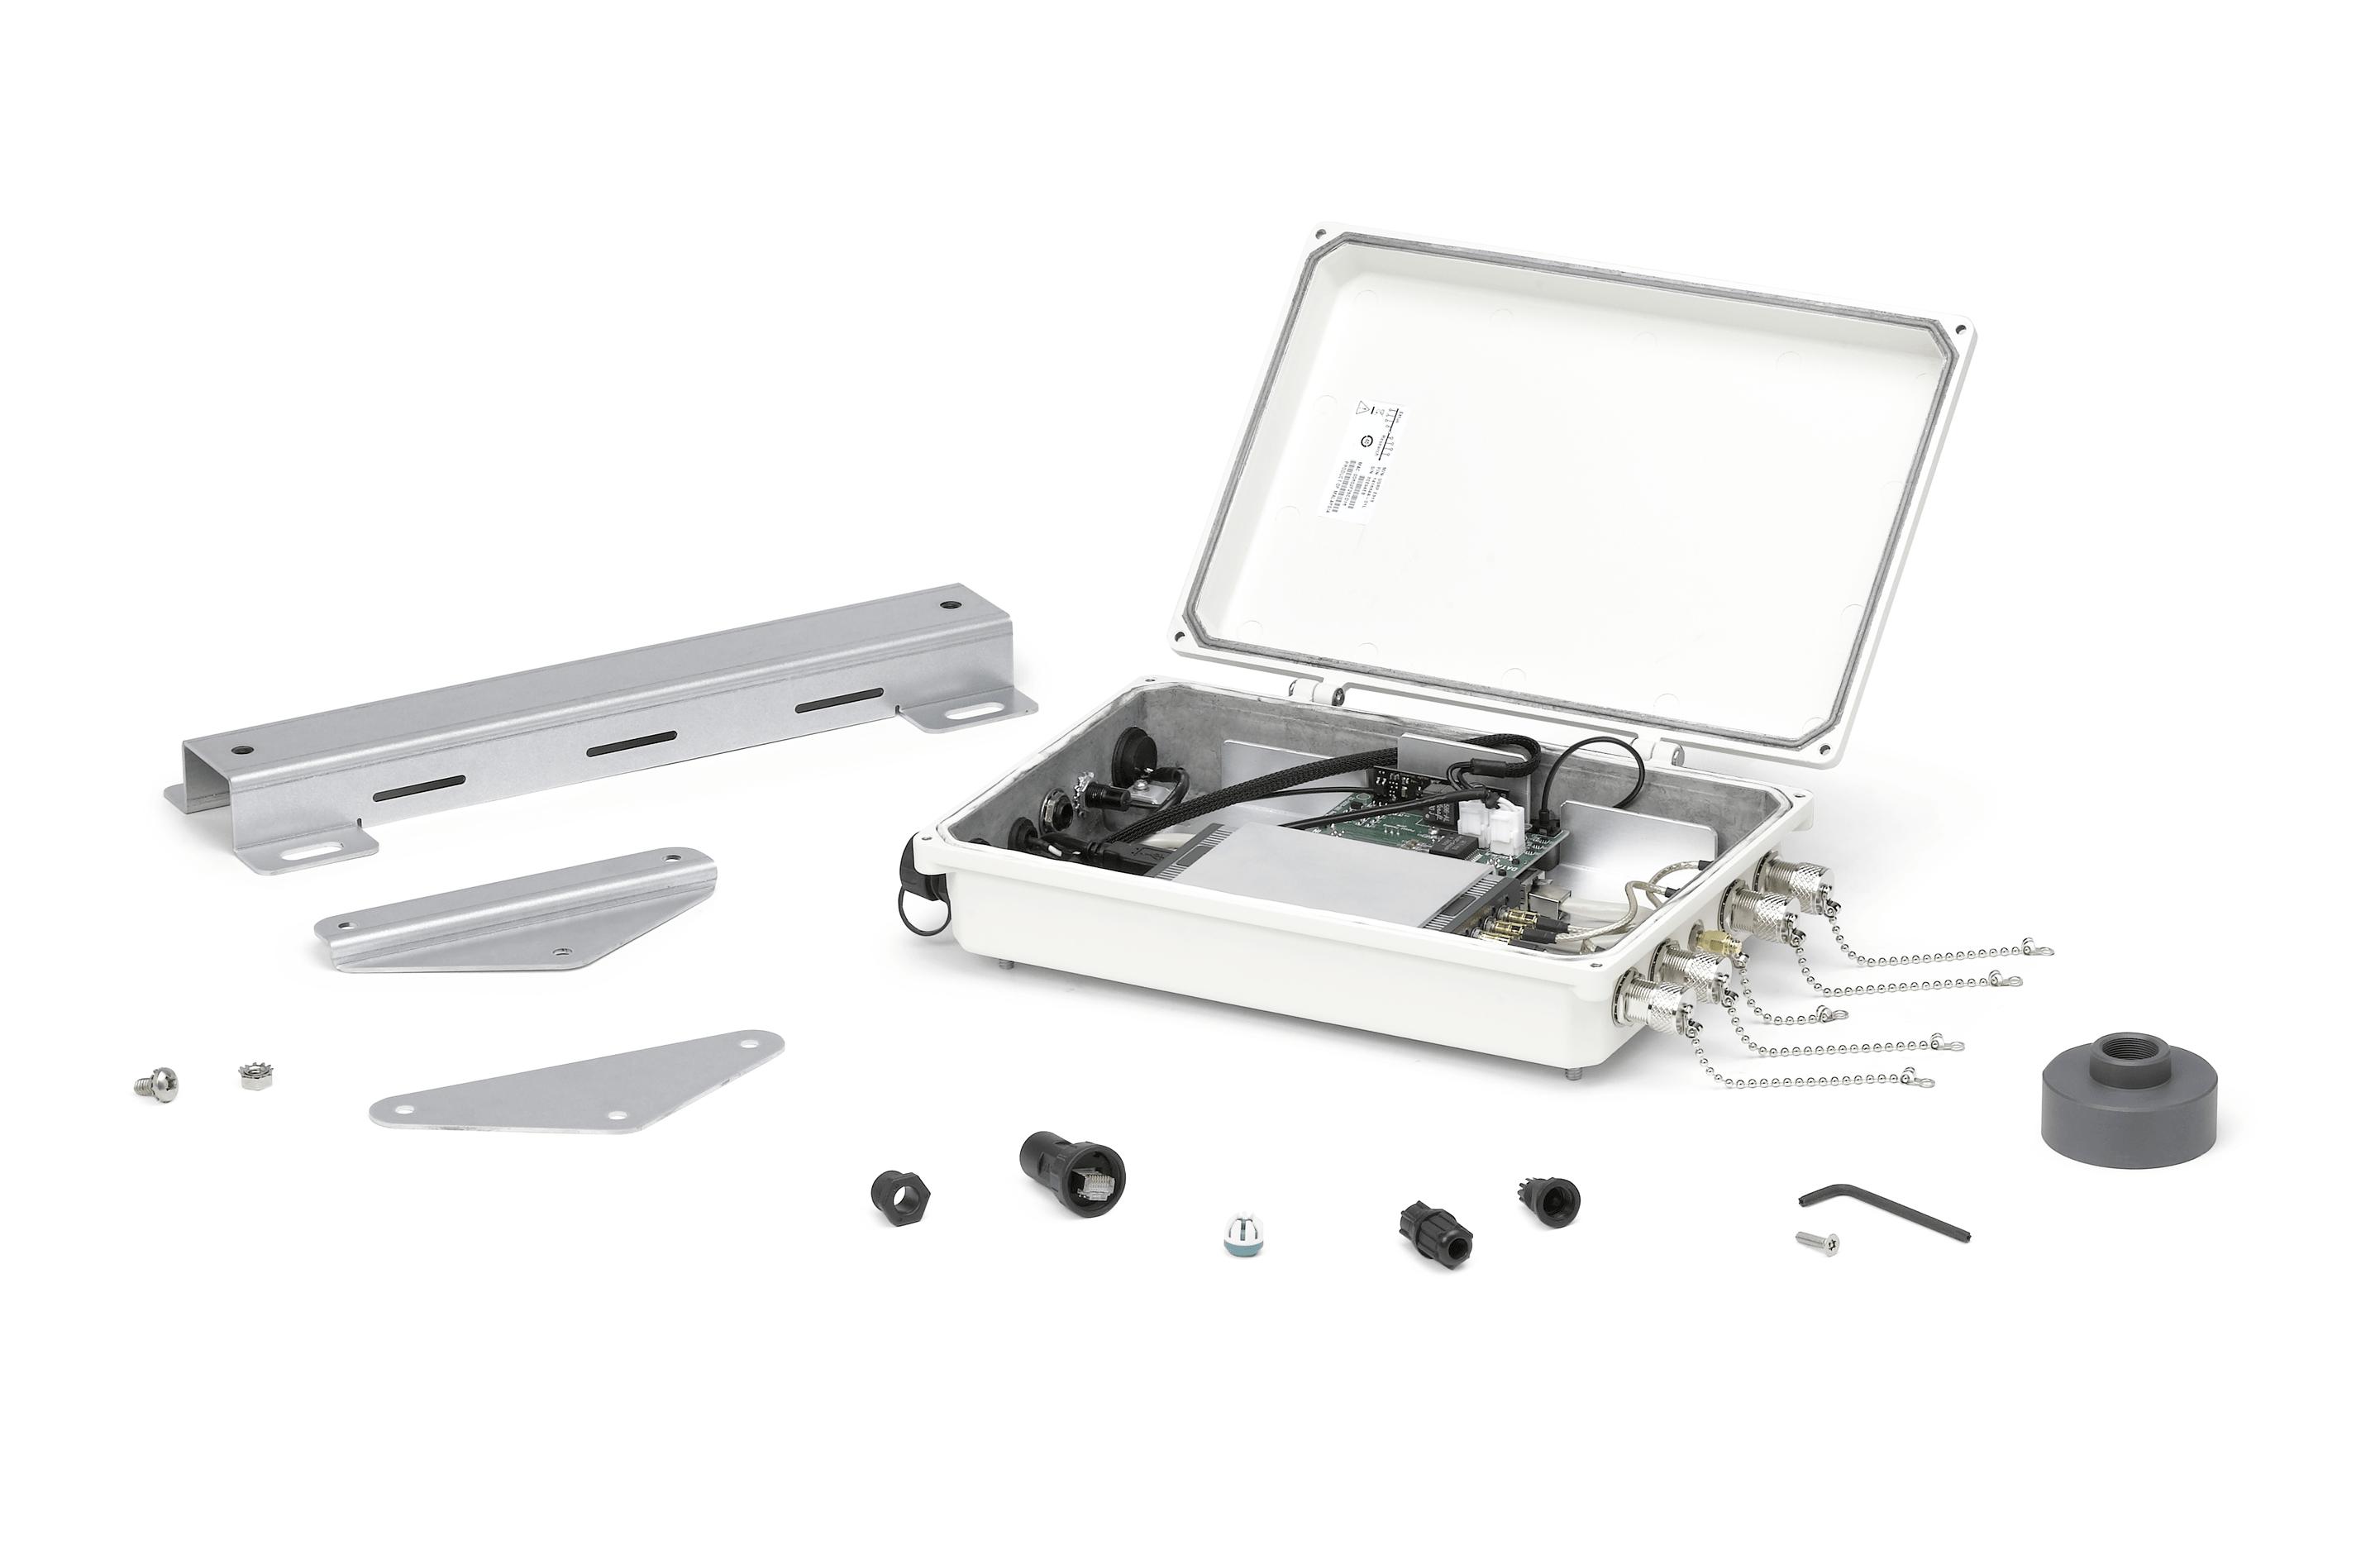 USRP E313 Shipping Kit